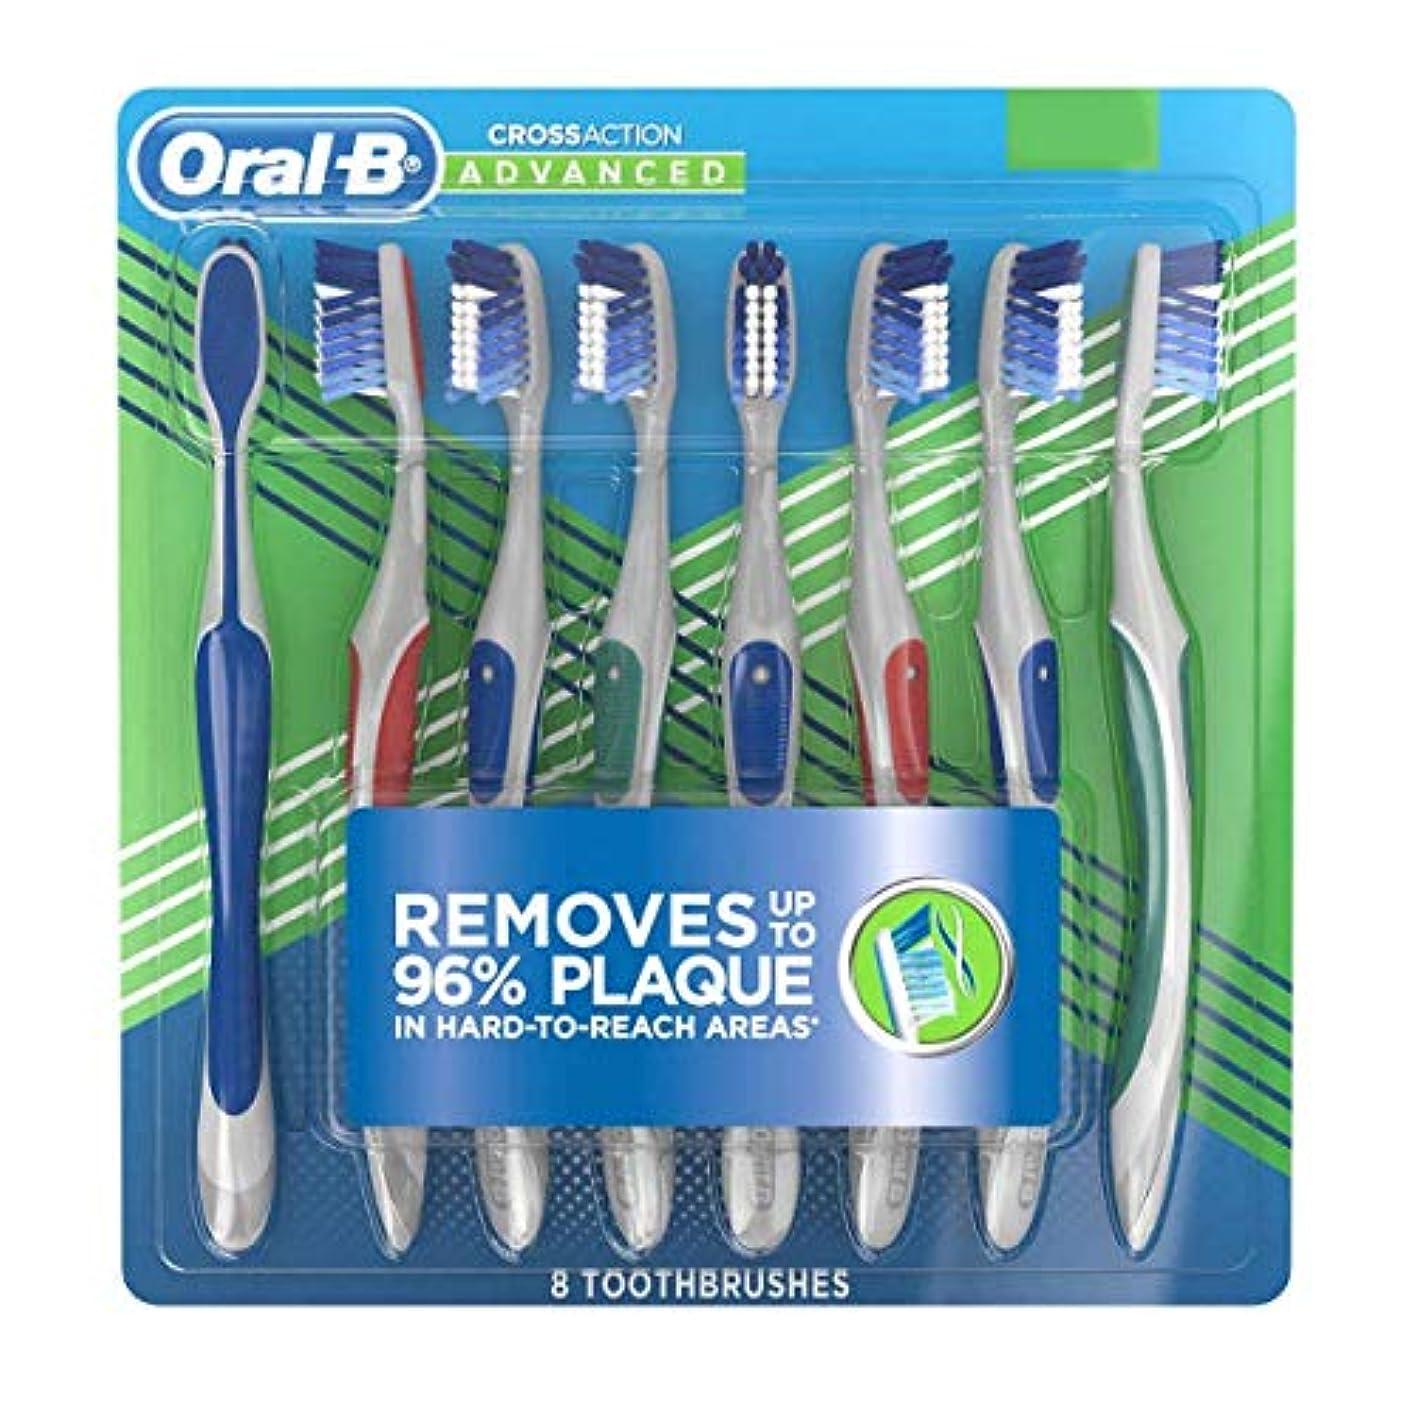 同盟武器あごひげOral-B Pro-Health Cross Action Advanced Toothbrush 8-pack SOFT オーラルB プロヘルス クロスアクション アドバンスド 歯ブラシ8本セット(ソフトタイプ)